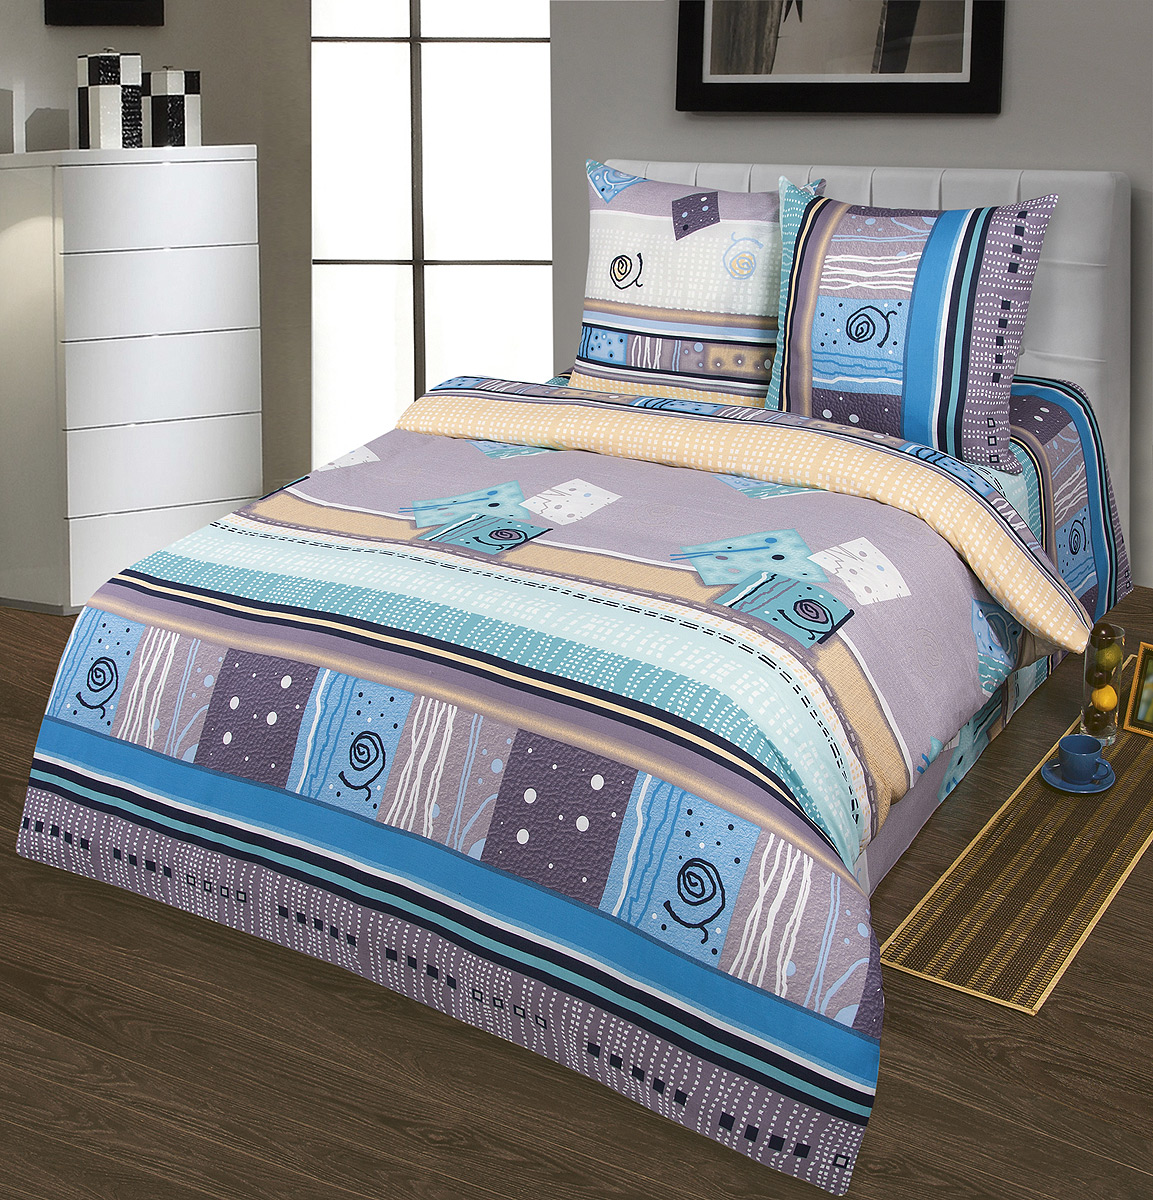 Комплект белья Шоколад Мираж, 2-спальный, наволочки 70x70. Б104391602Комплект постельного белья Шоколад Мираж является экологически безопасным для всей семьи, так как выполнен из натурального хлопка. Комплект состоит из пододеяльника, простыни и двух наволочек. Постельное белье оформлено оригинальным рисунком и имеет изысканный внешний вид.Бязь - это ткань полотняного переплетения, изготовленная из экологически чистого и натурального 100% хлопка. Она прочная, мягкая, обладает низкой сминаемостью, легко стирается и хорошо гладится. Бязь прекрасно пропускает воздух и за ней легко ухаживать. При соблюдении рекомендуемых условий стирки, сушки и глажения ткань имеет усадку по ГОСТу, сохранятся яркость текстильных рисунков. Приобретая комплект постельного белья Шоколад Мираж, вы можете быть уверены в том, что покупка доставит вам и вашим близким удовольствие иподарит максимальный комфорт.